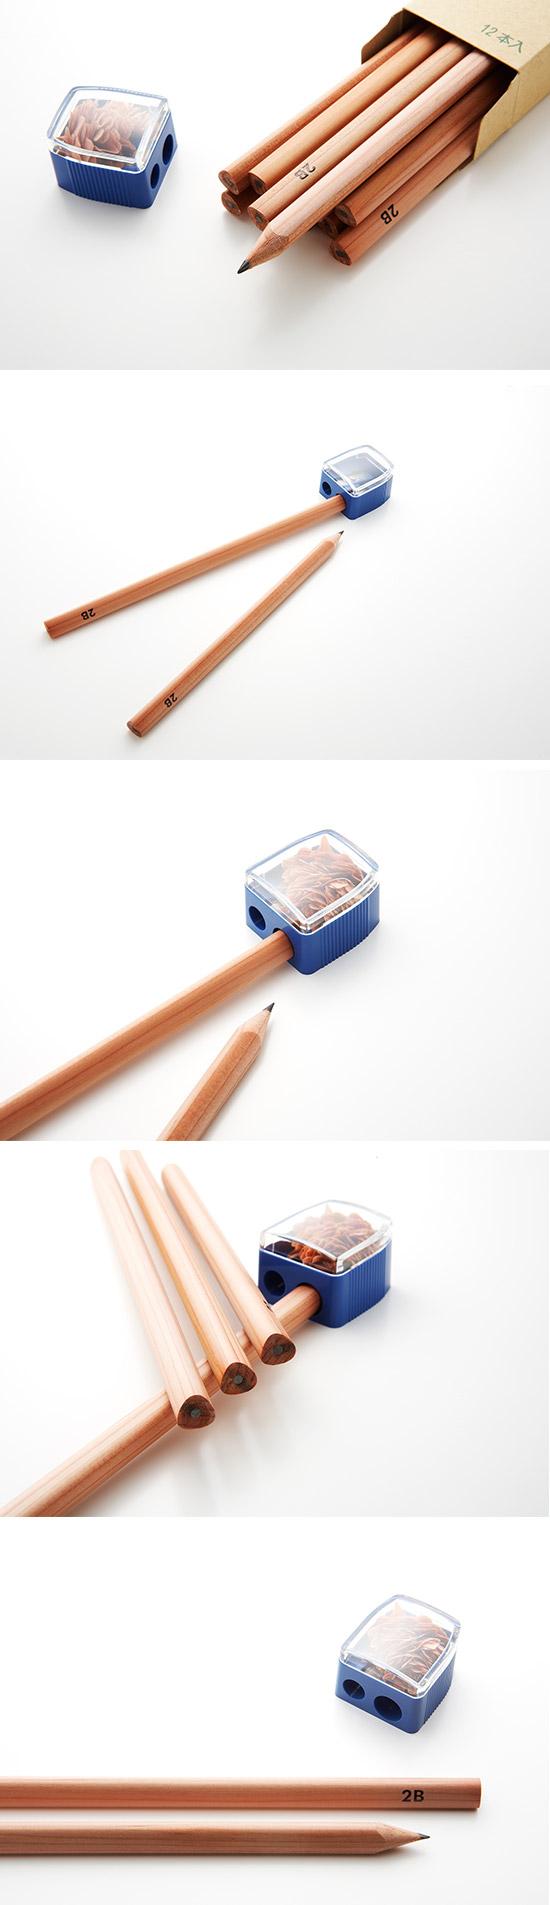 北星大人鉛筆 大三角原木鉛筆 2B